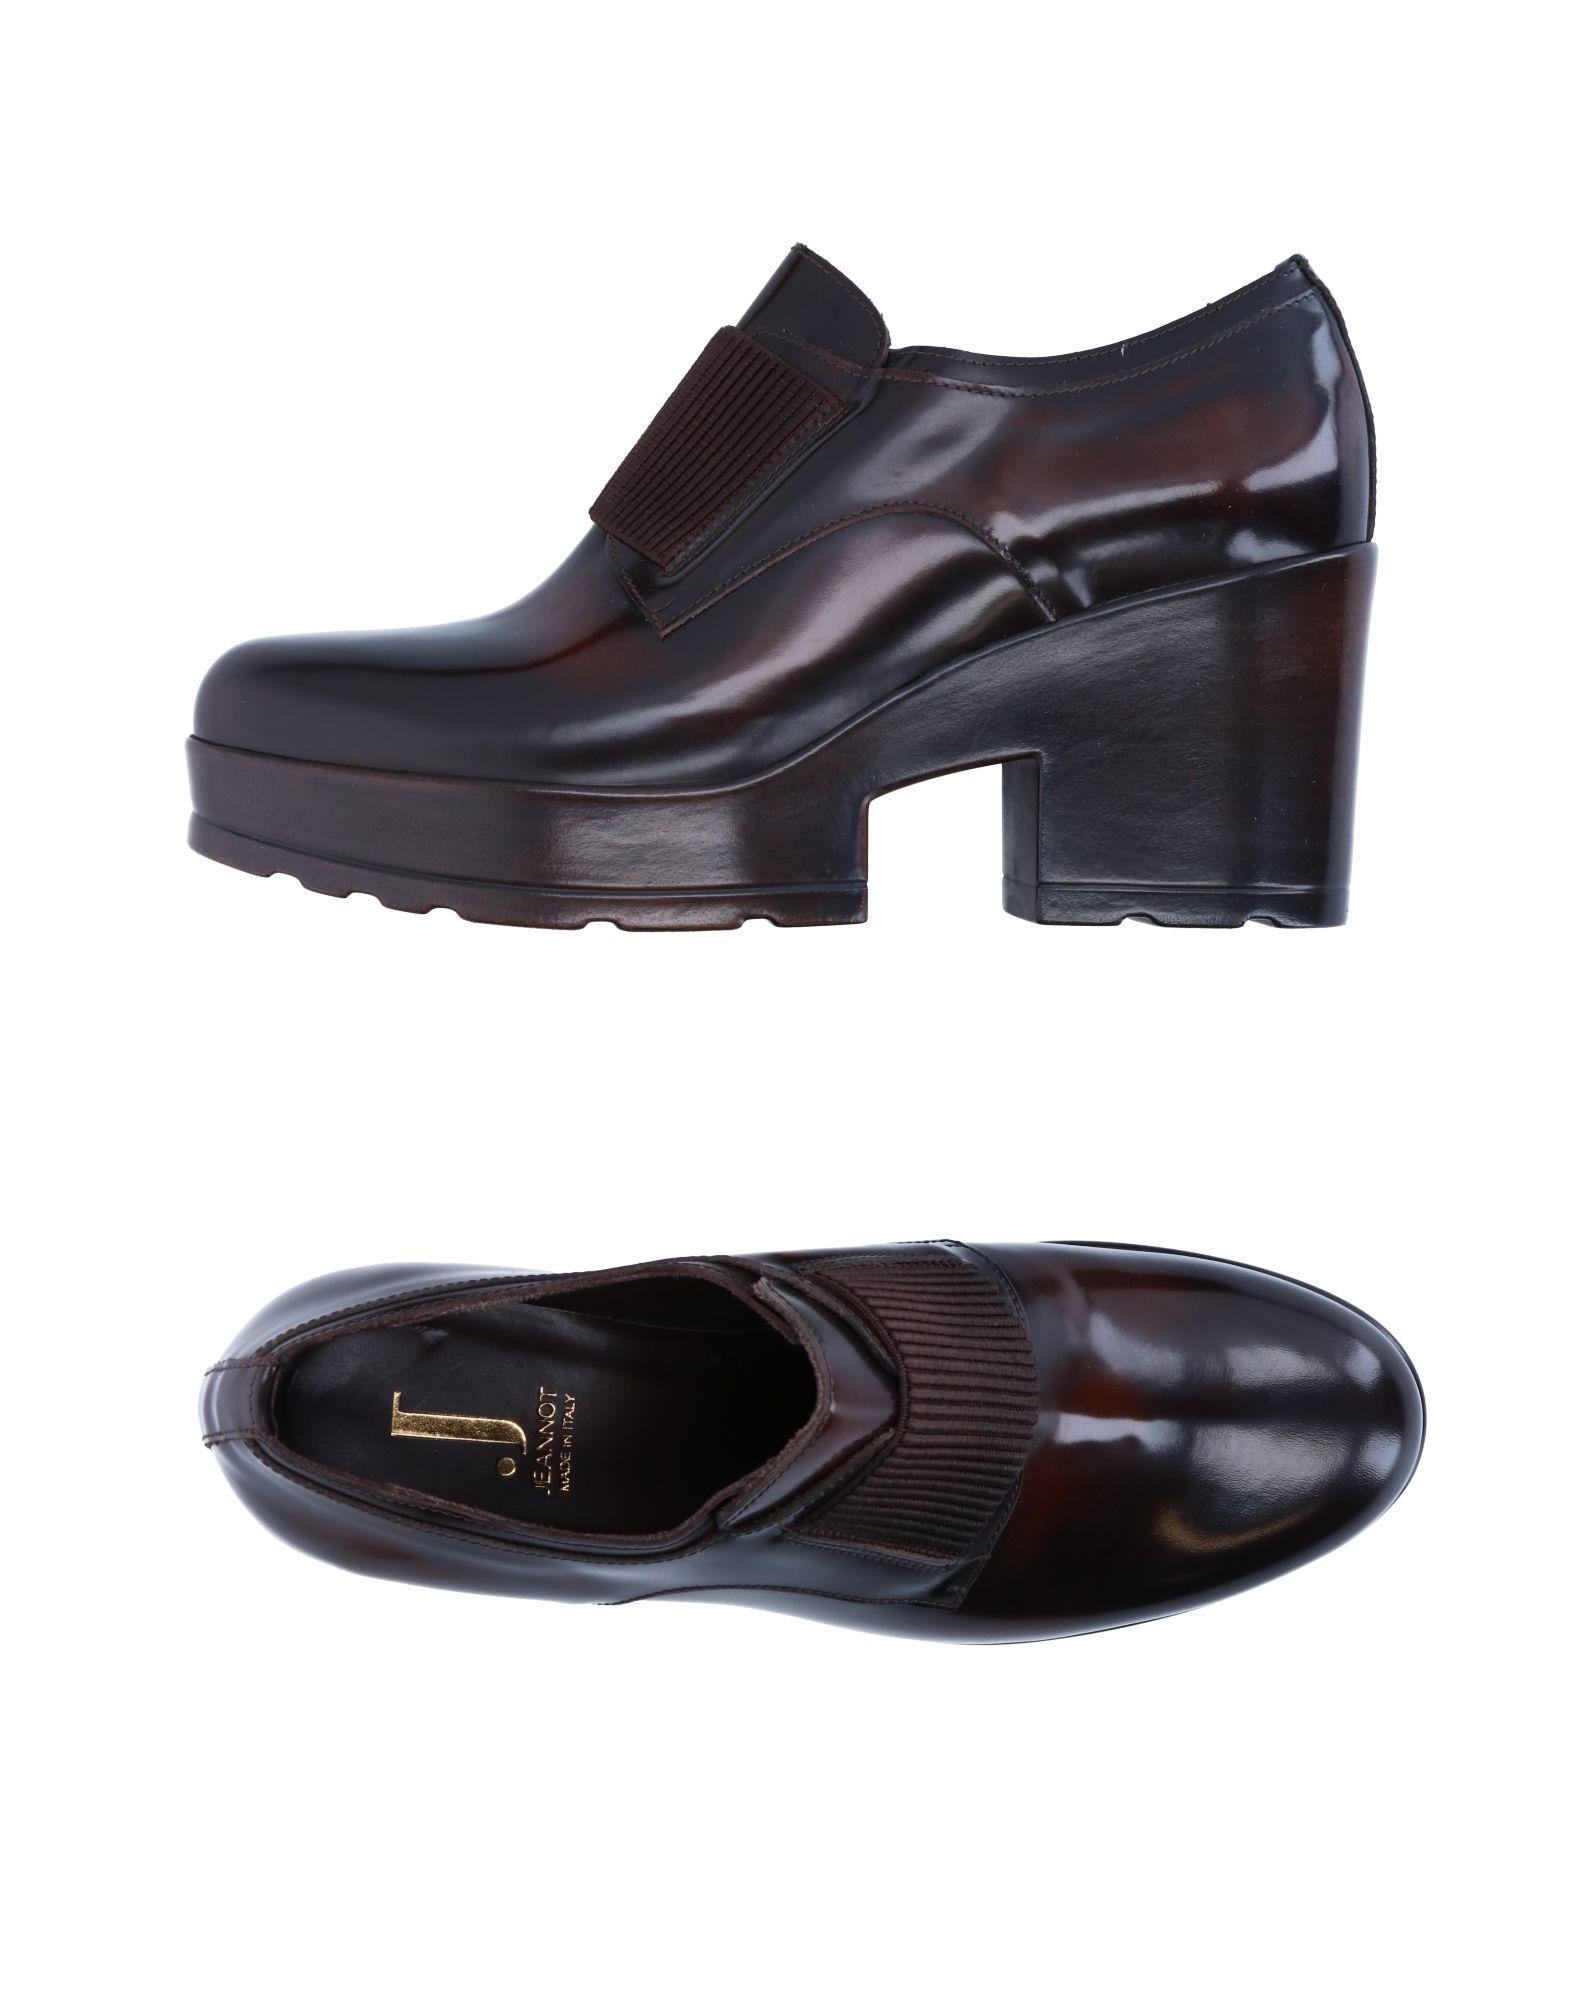 Jeannot Mokassins Damen  11272217HX Gute Qualität beliebte Schuhe